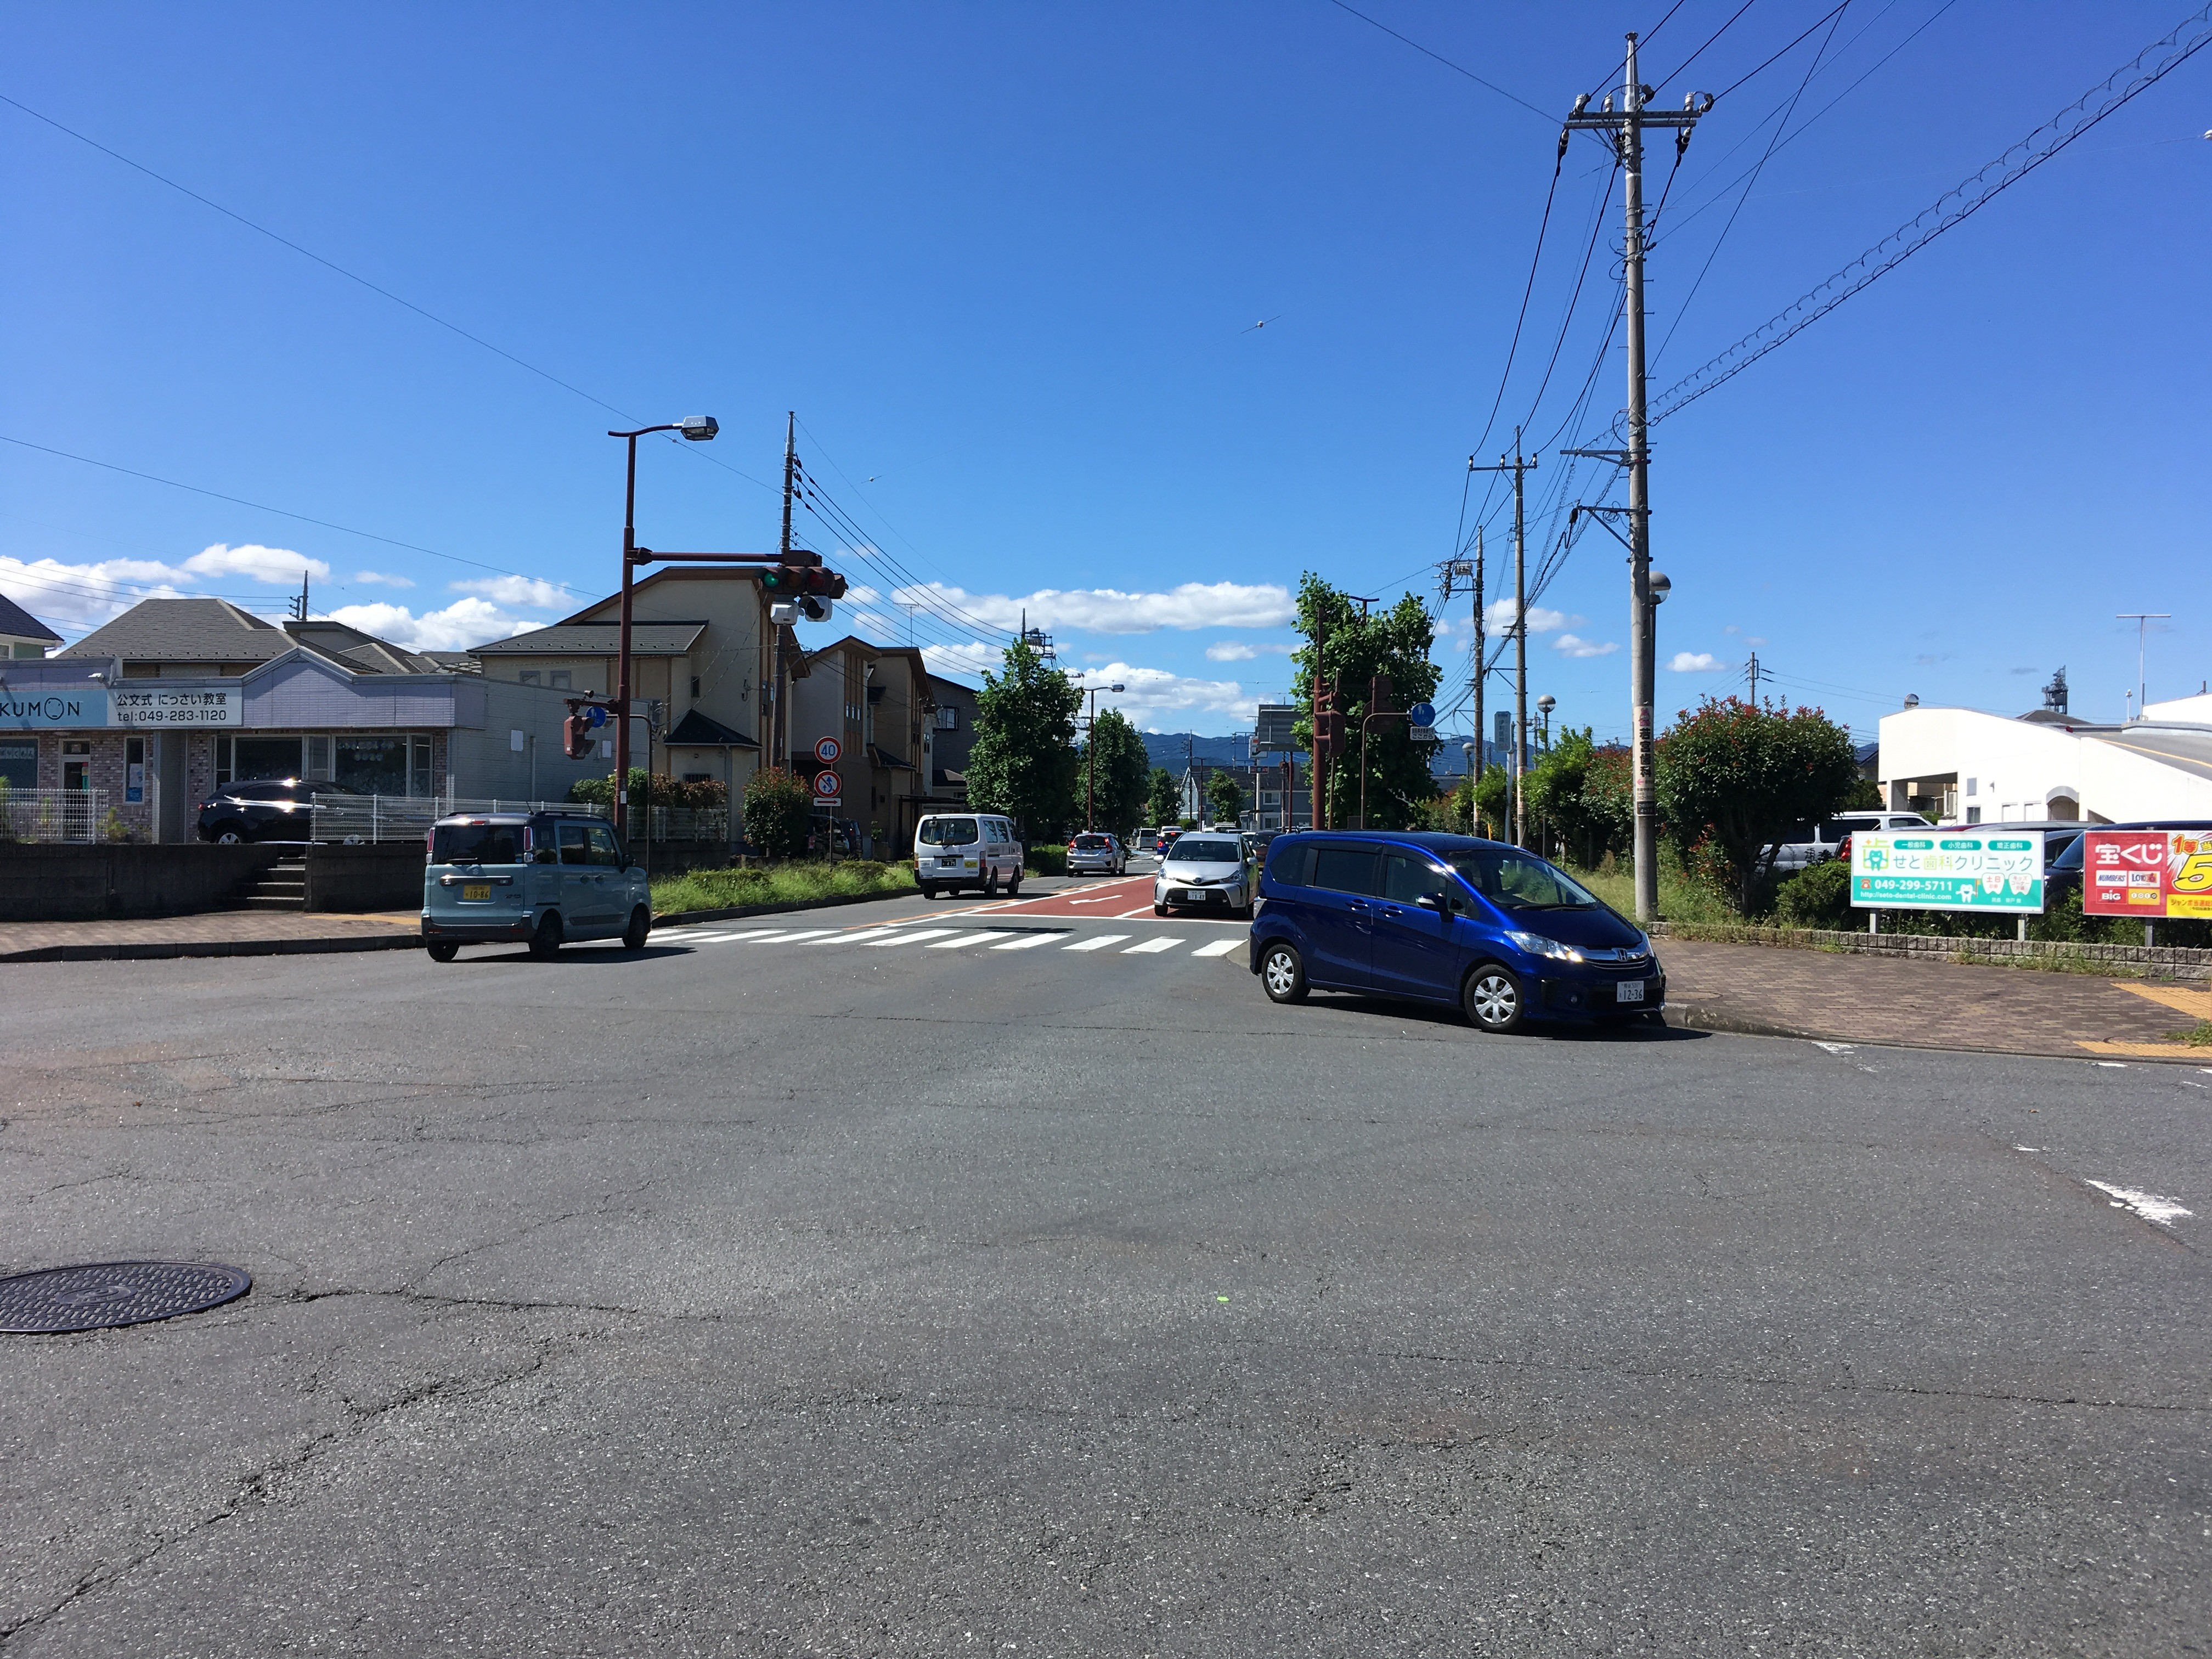 観音通りと川越坂戸毛呂山通り交差点